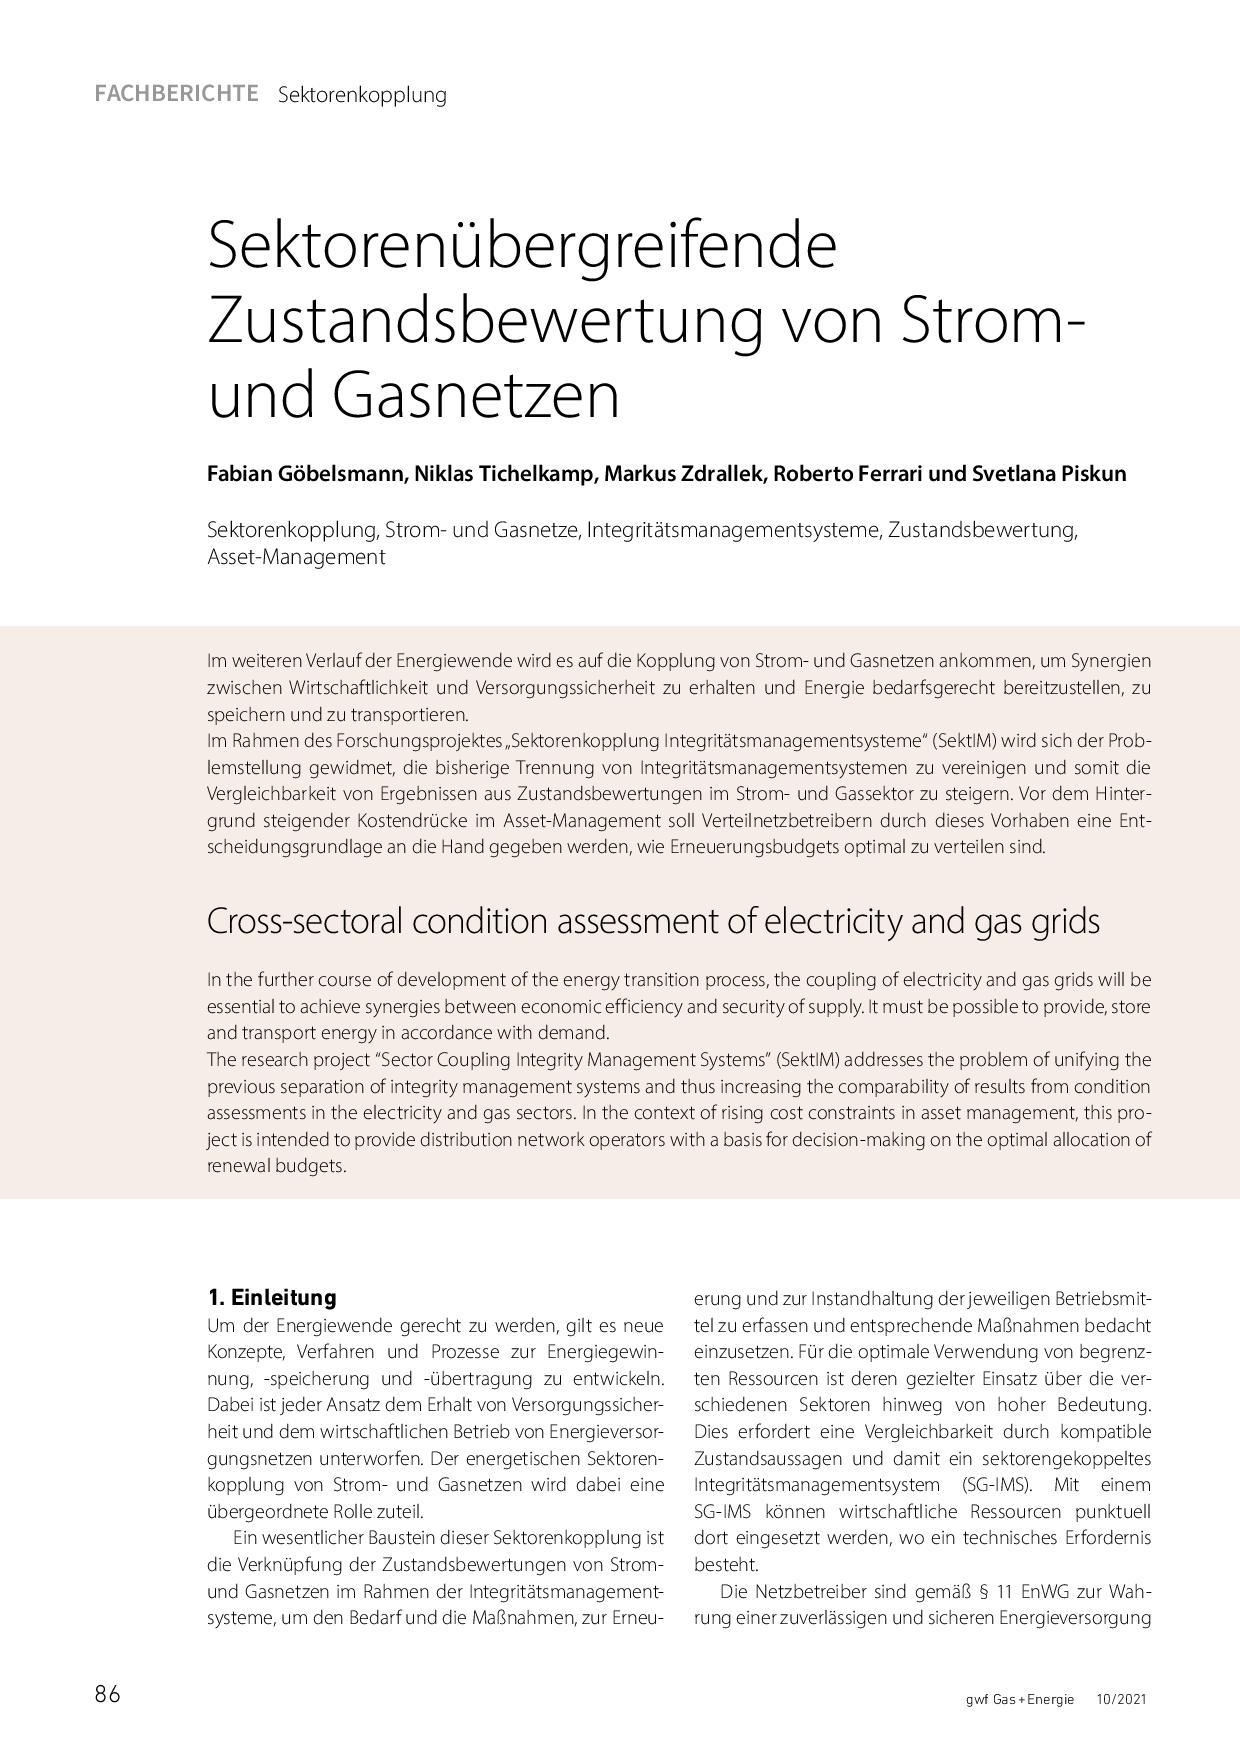 Sektorenübergreifende Zustandsbewertung von Strom- und Gasnetzen